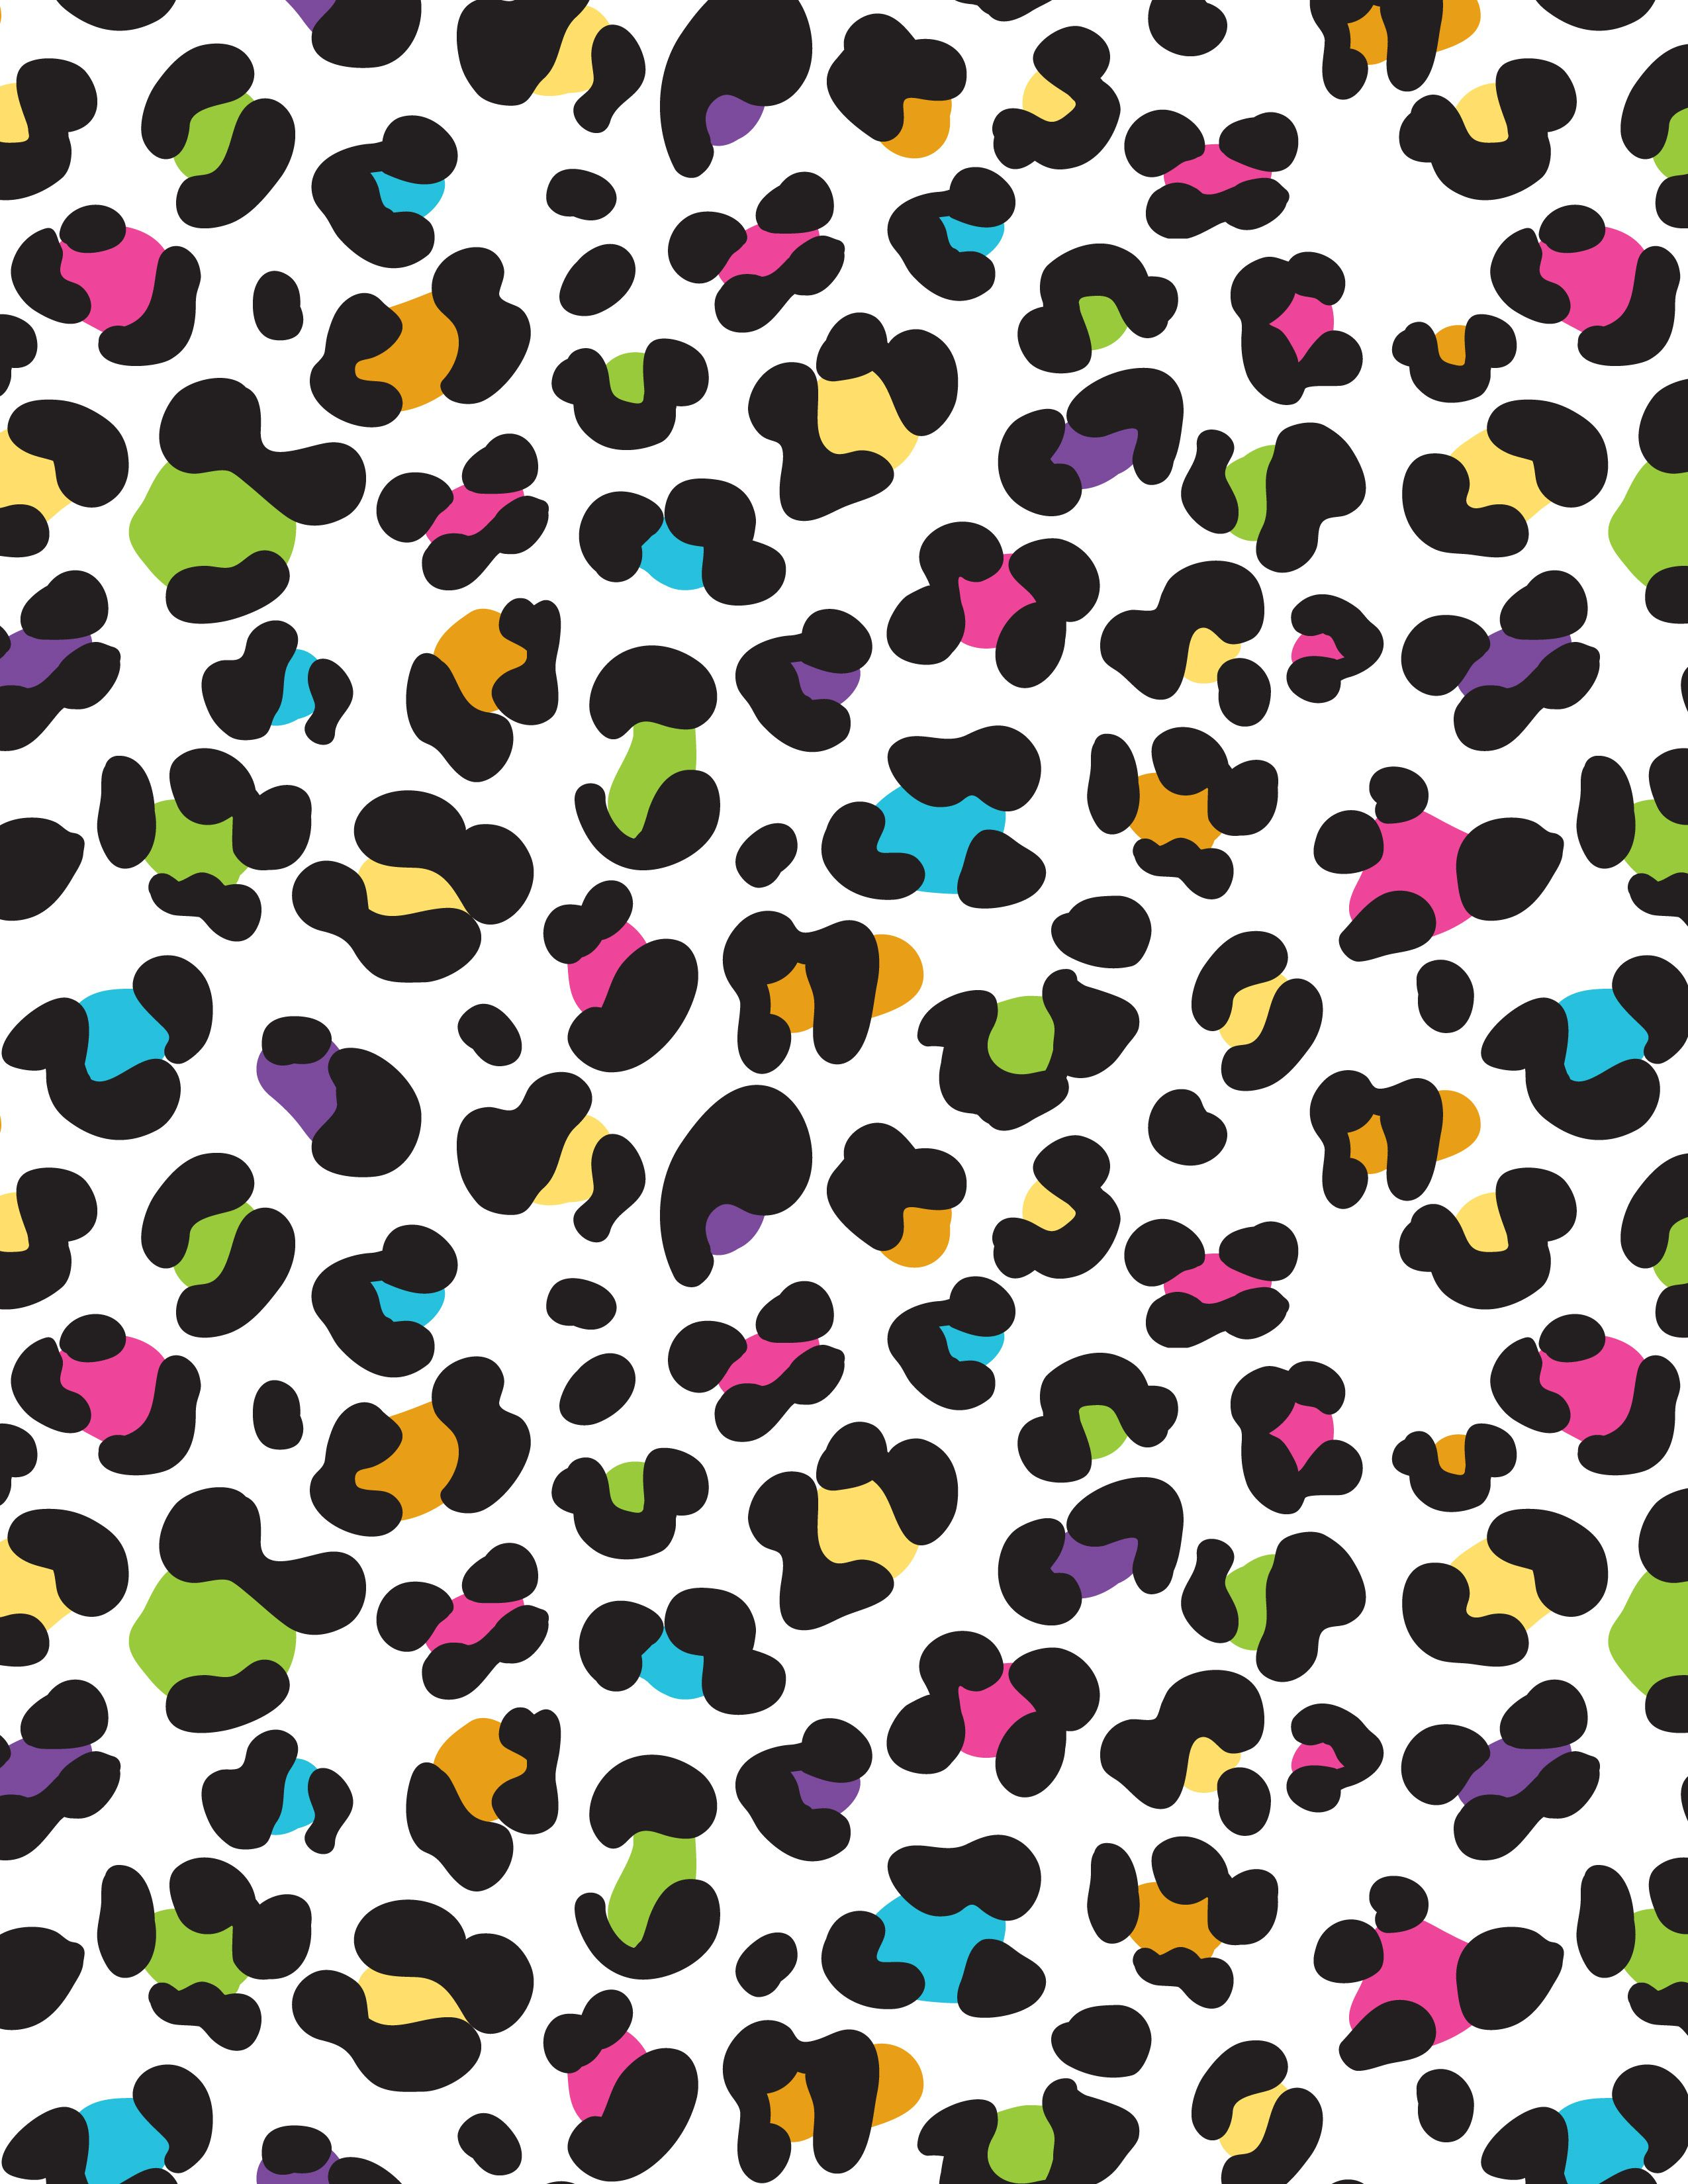 Cute leopard print background